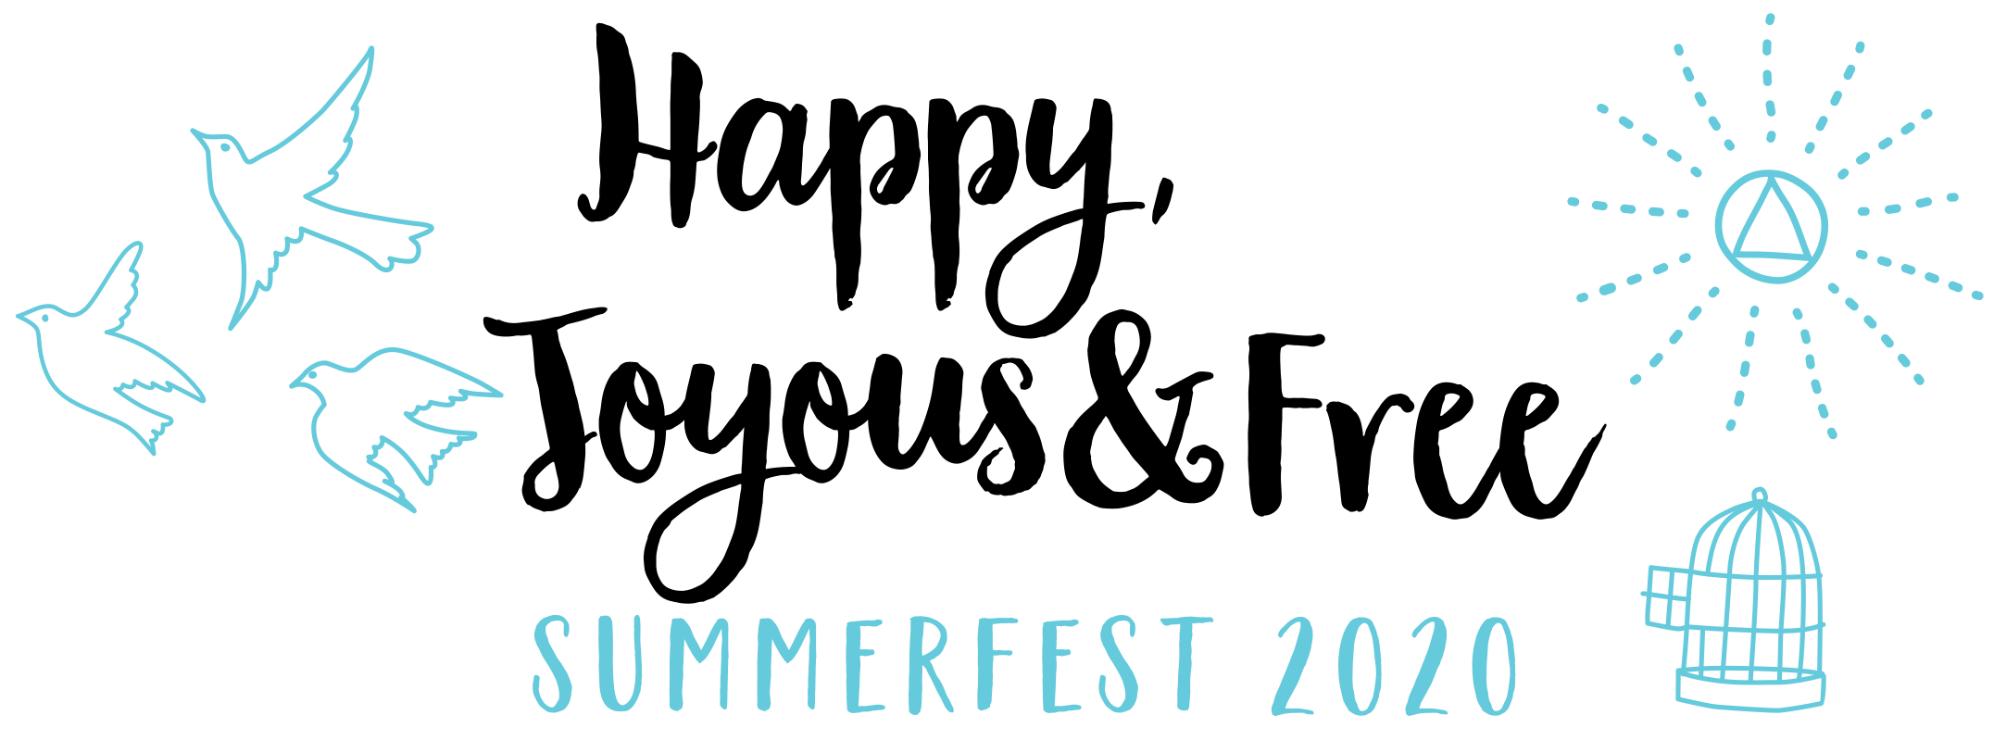 Friends of Summerfest Inc. | Summerfest 2020